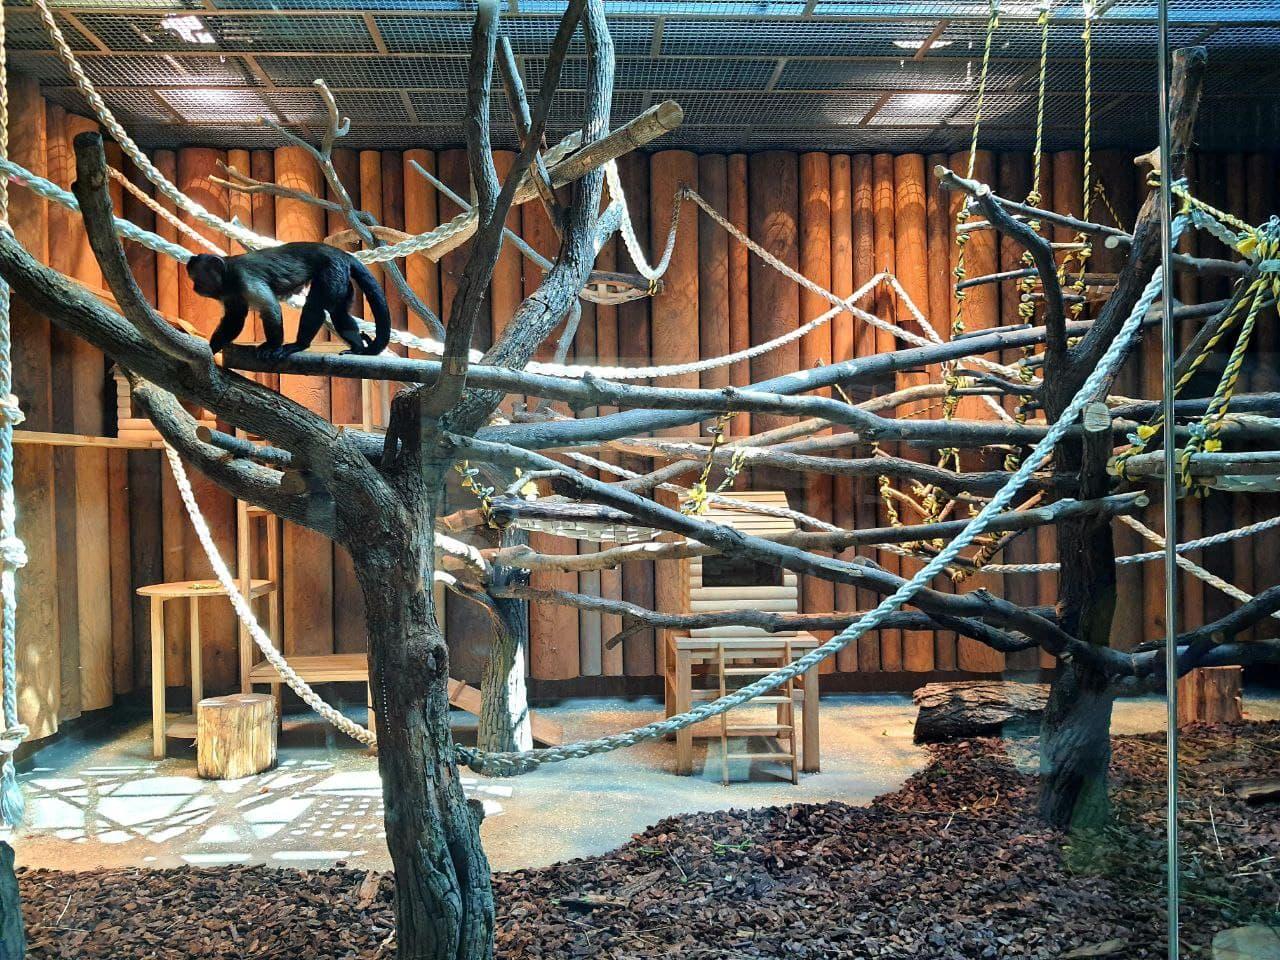 Смотри фото и видео: в Харькове открыли зоопарк после реконструкции фото 7